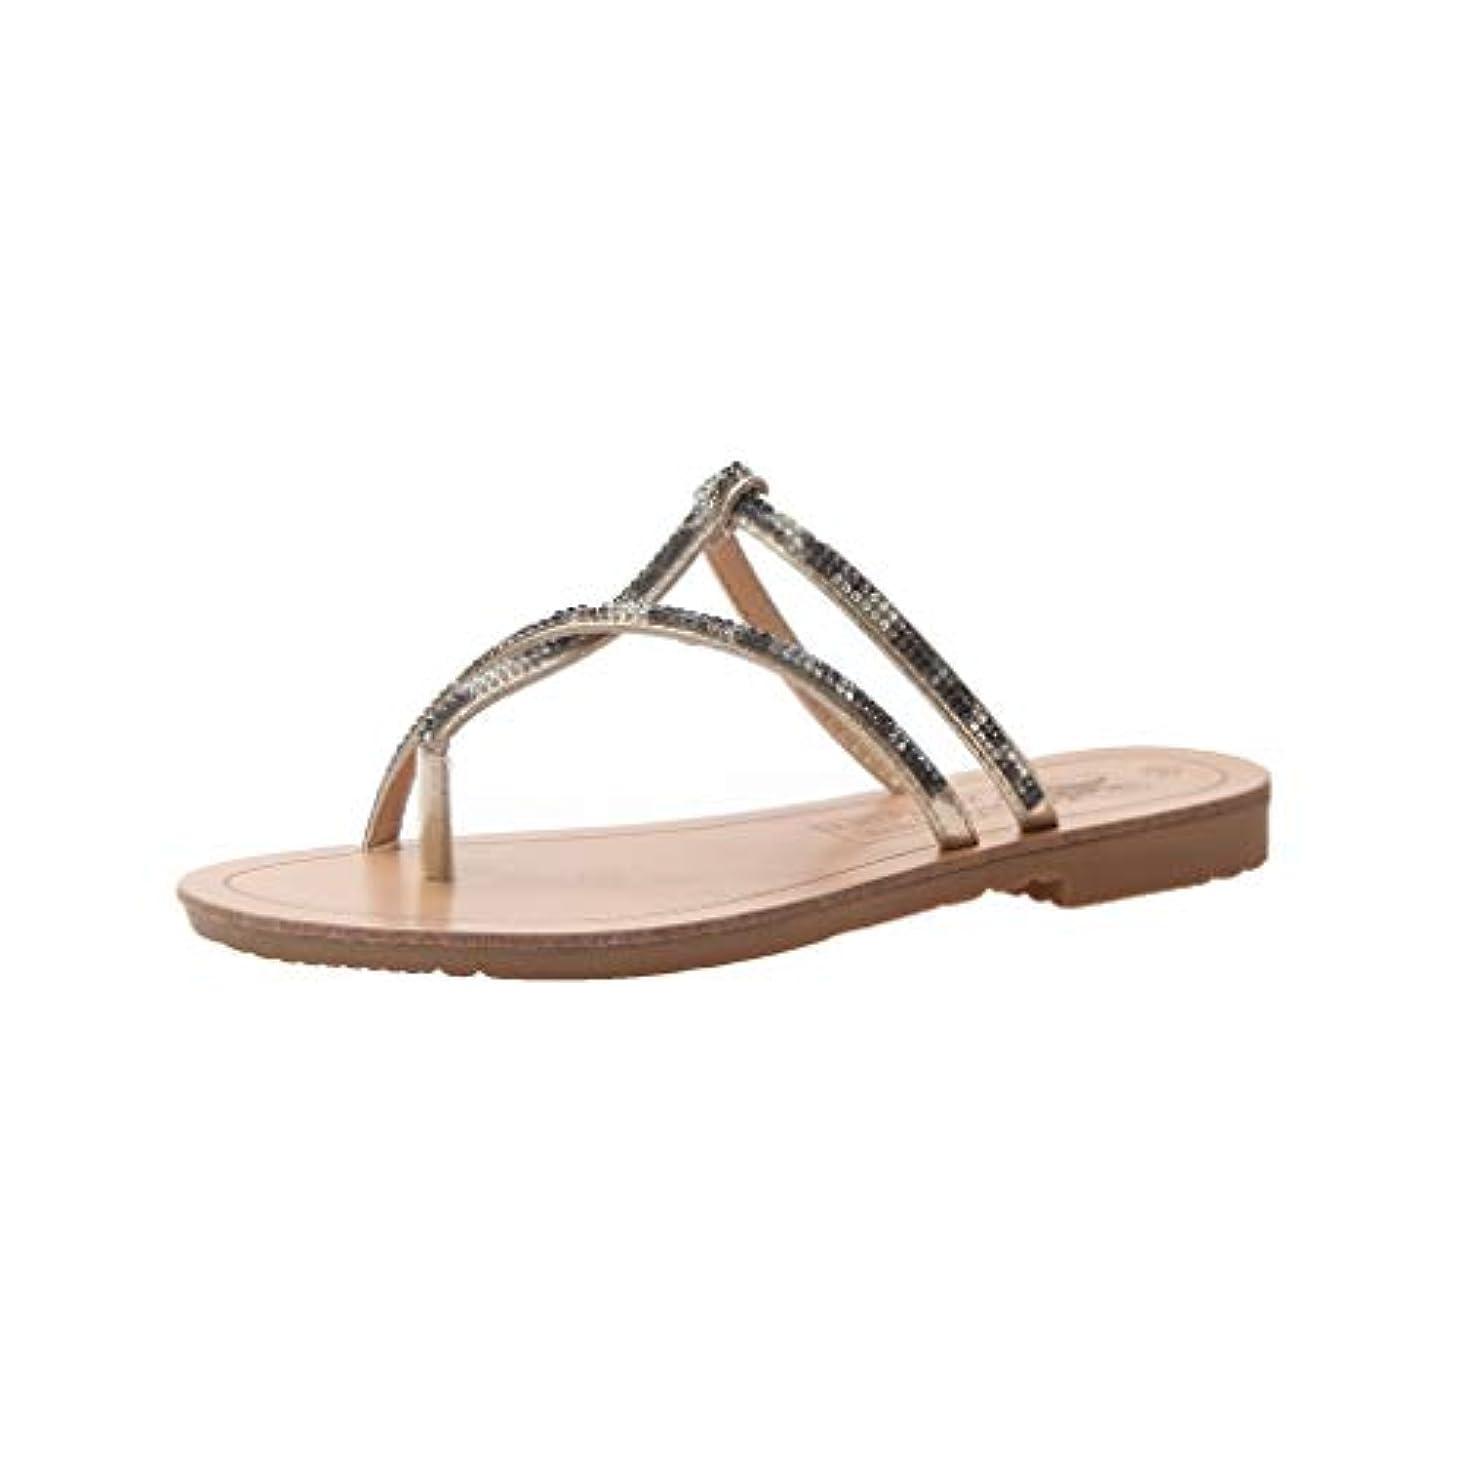 コンサルタント信頼コンサルタントExpxon Tech 夏 ラインストーンストラップ フラット 個性 ファッション靴 35-39 カジュアルシューズ 歩きやすい 日常着用 1cmヒール ローヒール ローヒール歩きやすい 美脚 アウトドア 室内履き